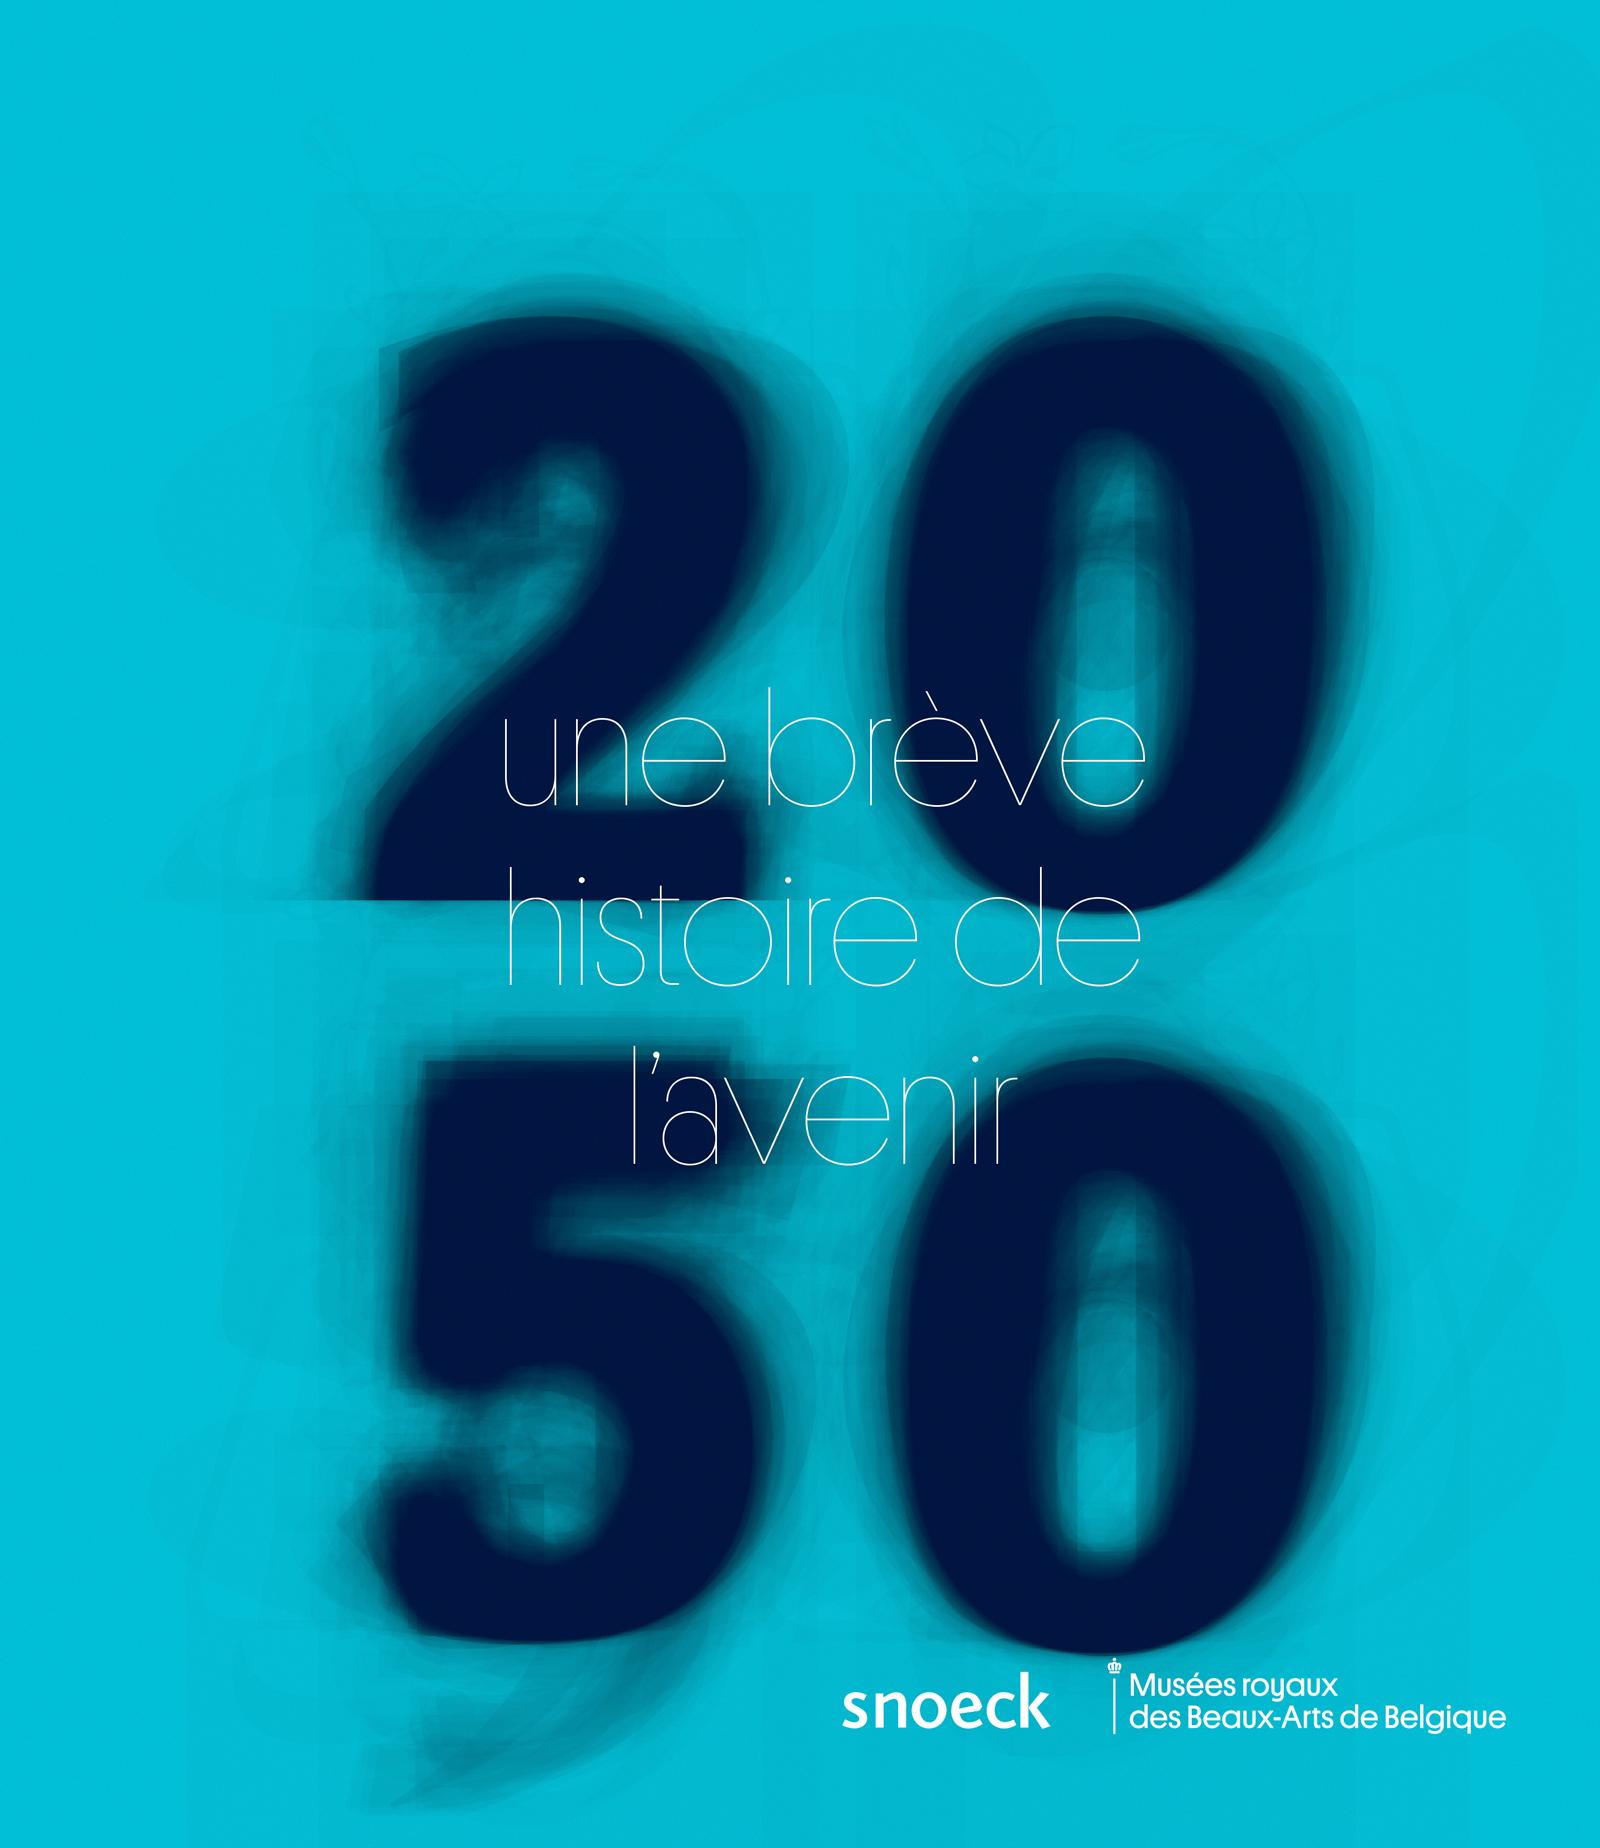 2050 Une brève Histoire de l'avenir, Catalogue d'exposition des Musées royaux des Beaux-Arts de Belgique (11.09.2015 – 24.01.2016)